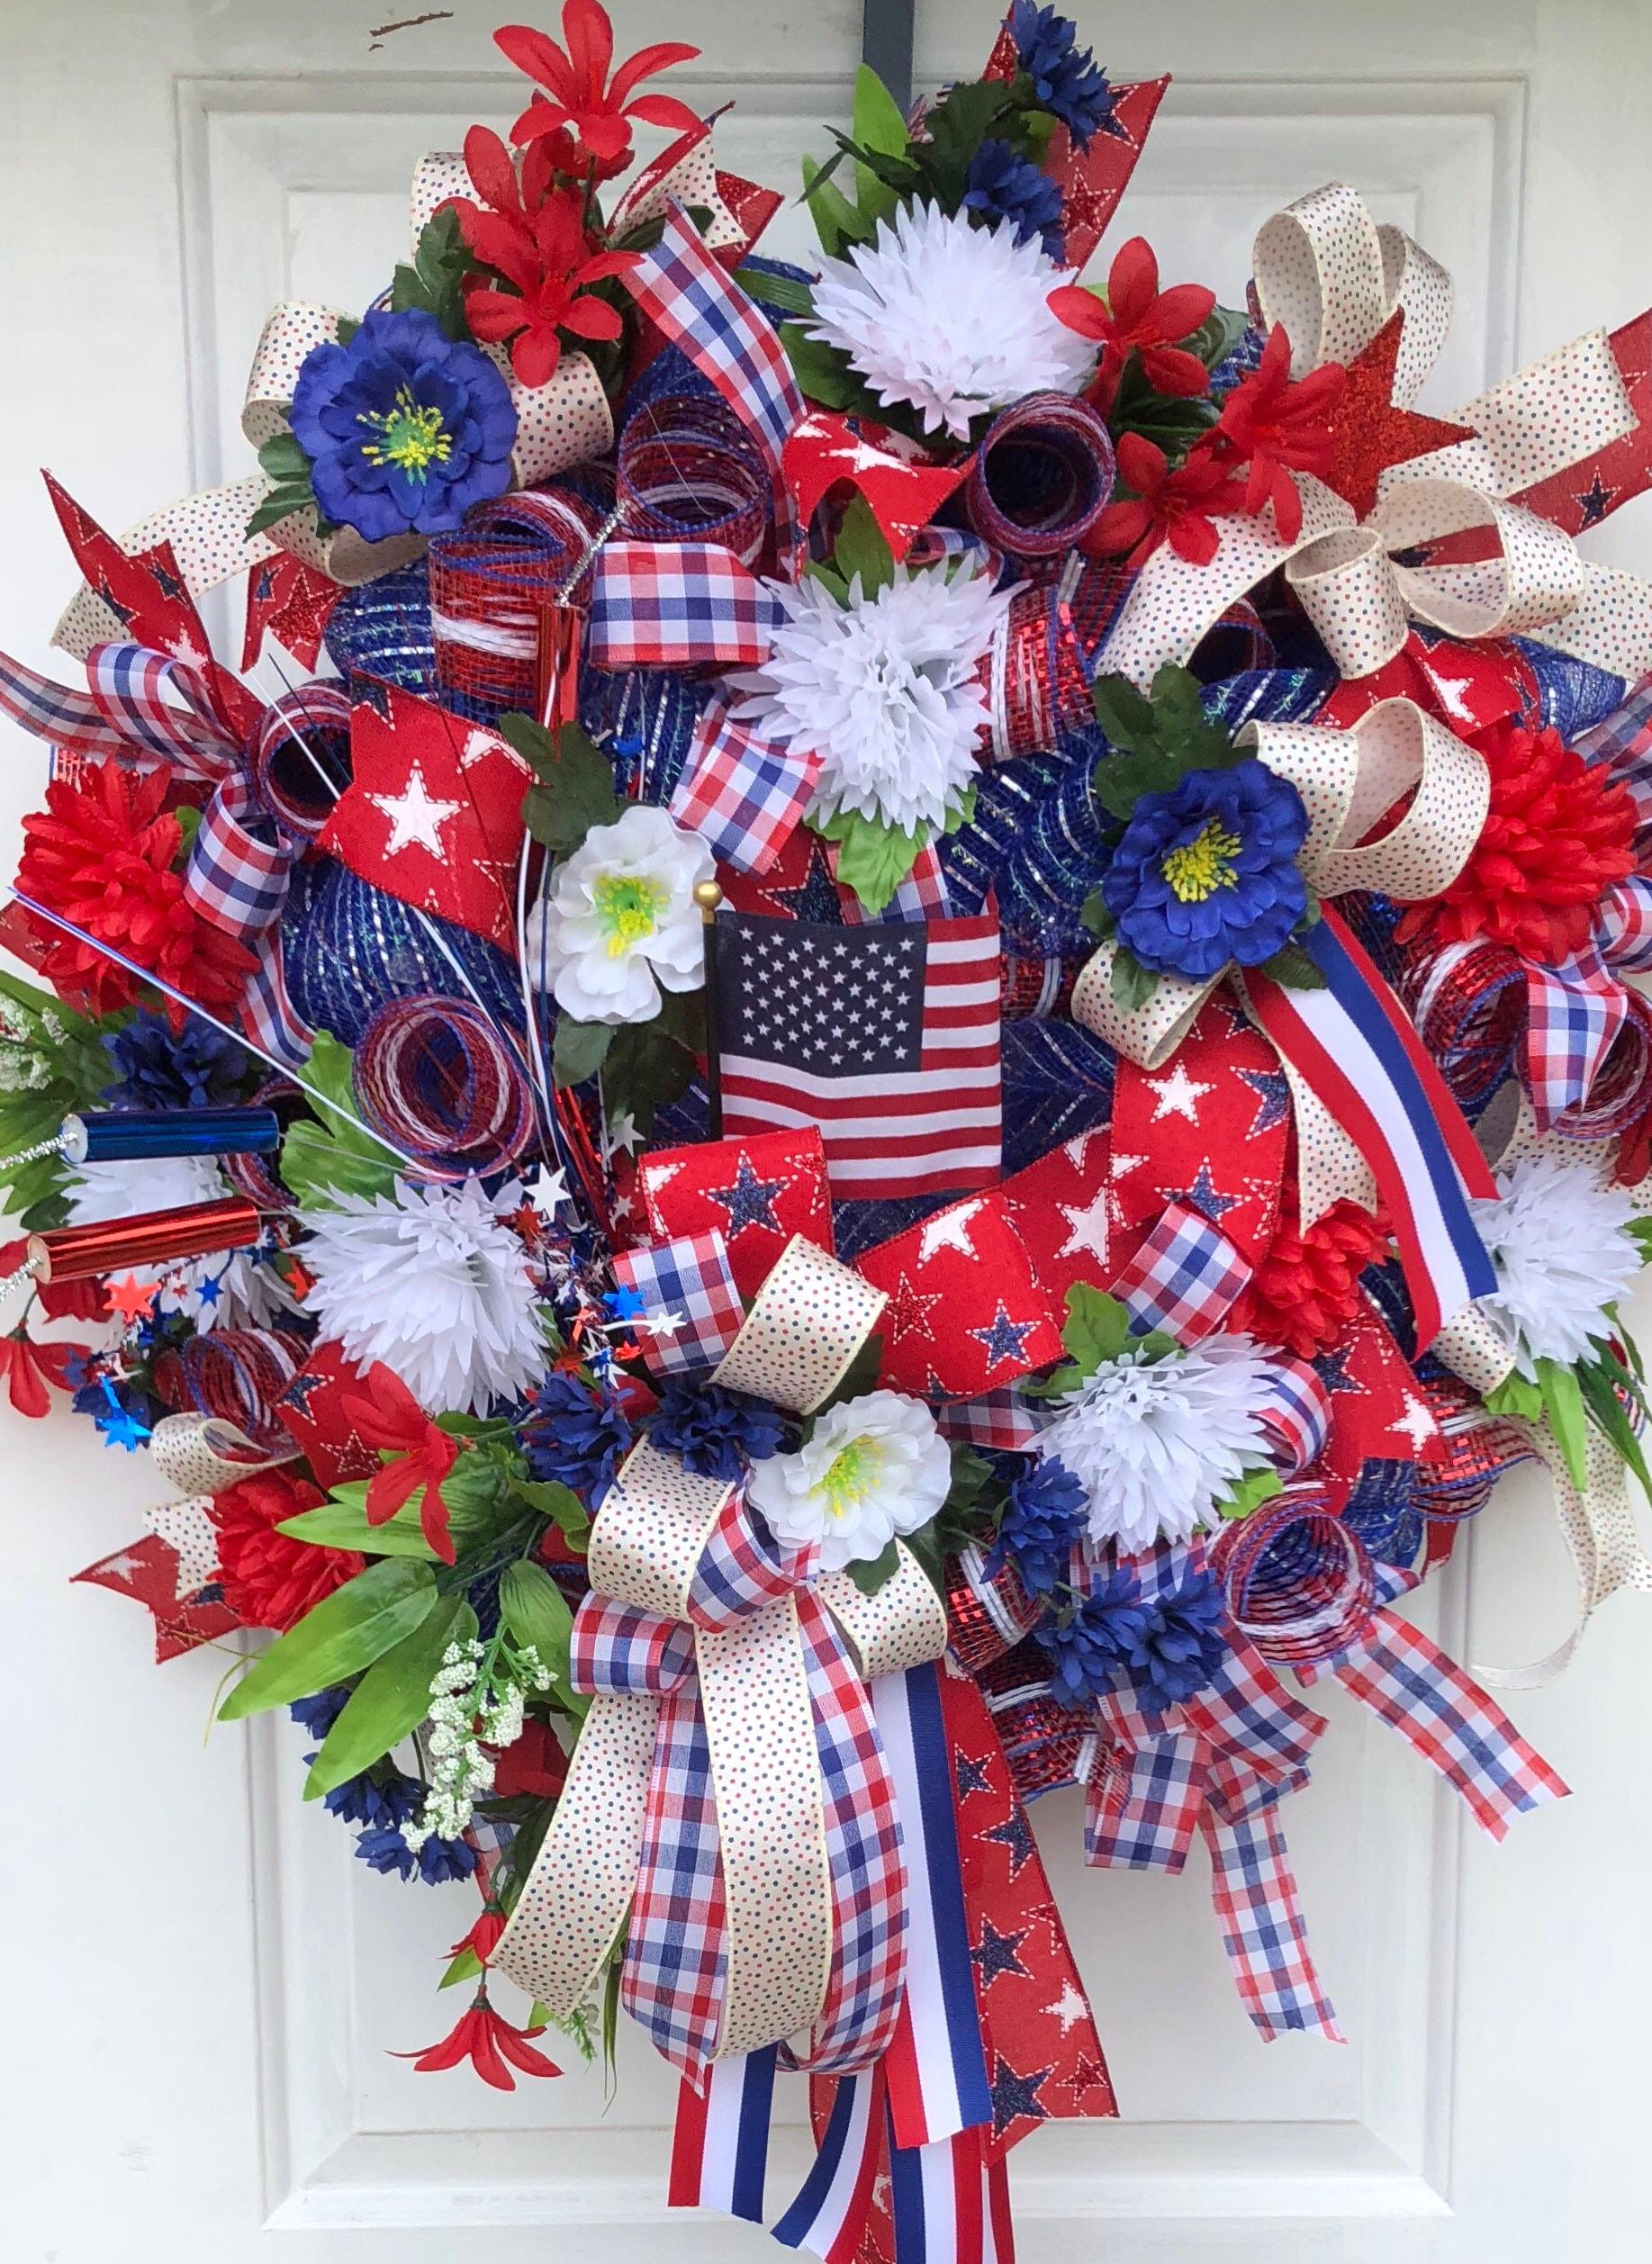 Patriotic Wreath Memorial Day Wreath July 4th Wreath Deco Mesh Wreath American Pride Wreath